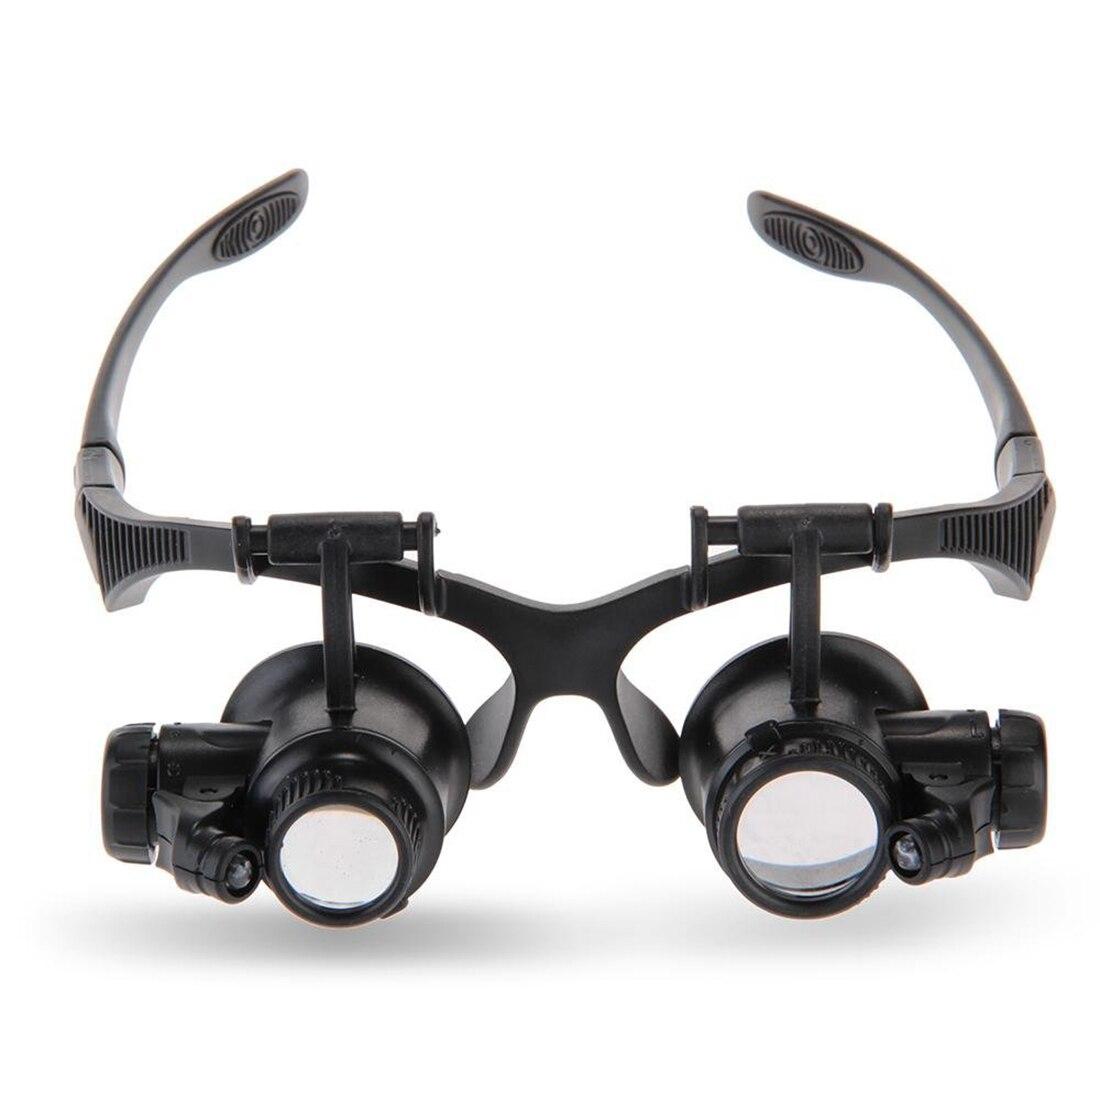 Occhiali Lente di Ingrandimento 10X 15X 20X 25X LED Luci Vigilanza Del Gioielliere riparazione Lente Occhiali Da Vista Ottico Magnifier della lente di Ingrandimento Strumenti Con 2 LED